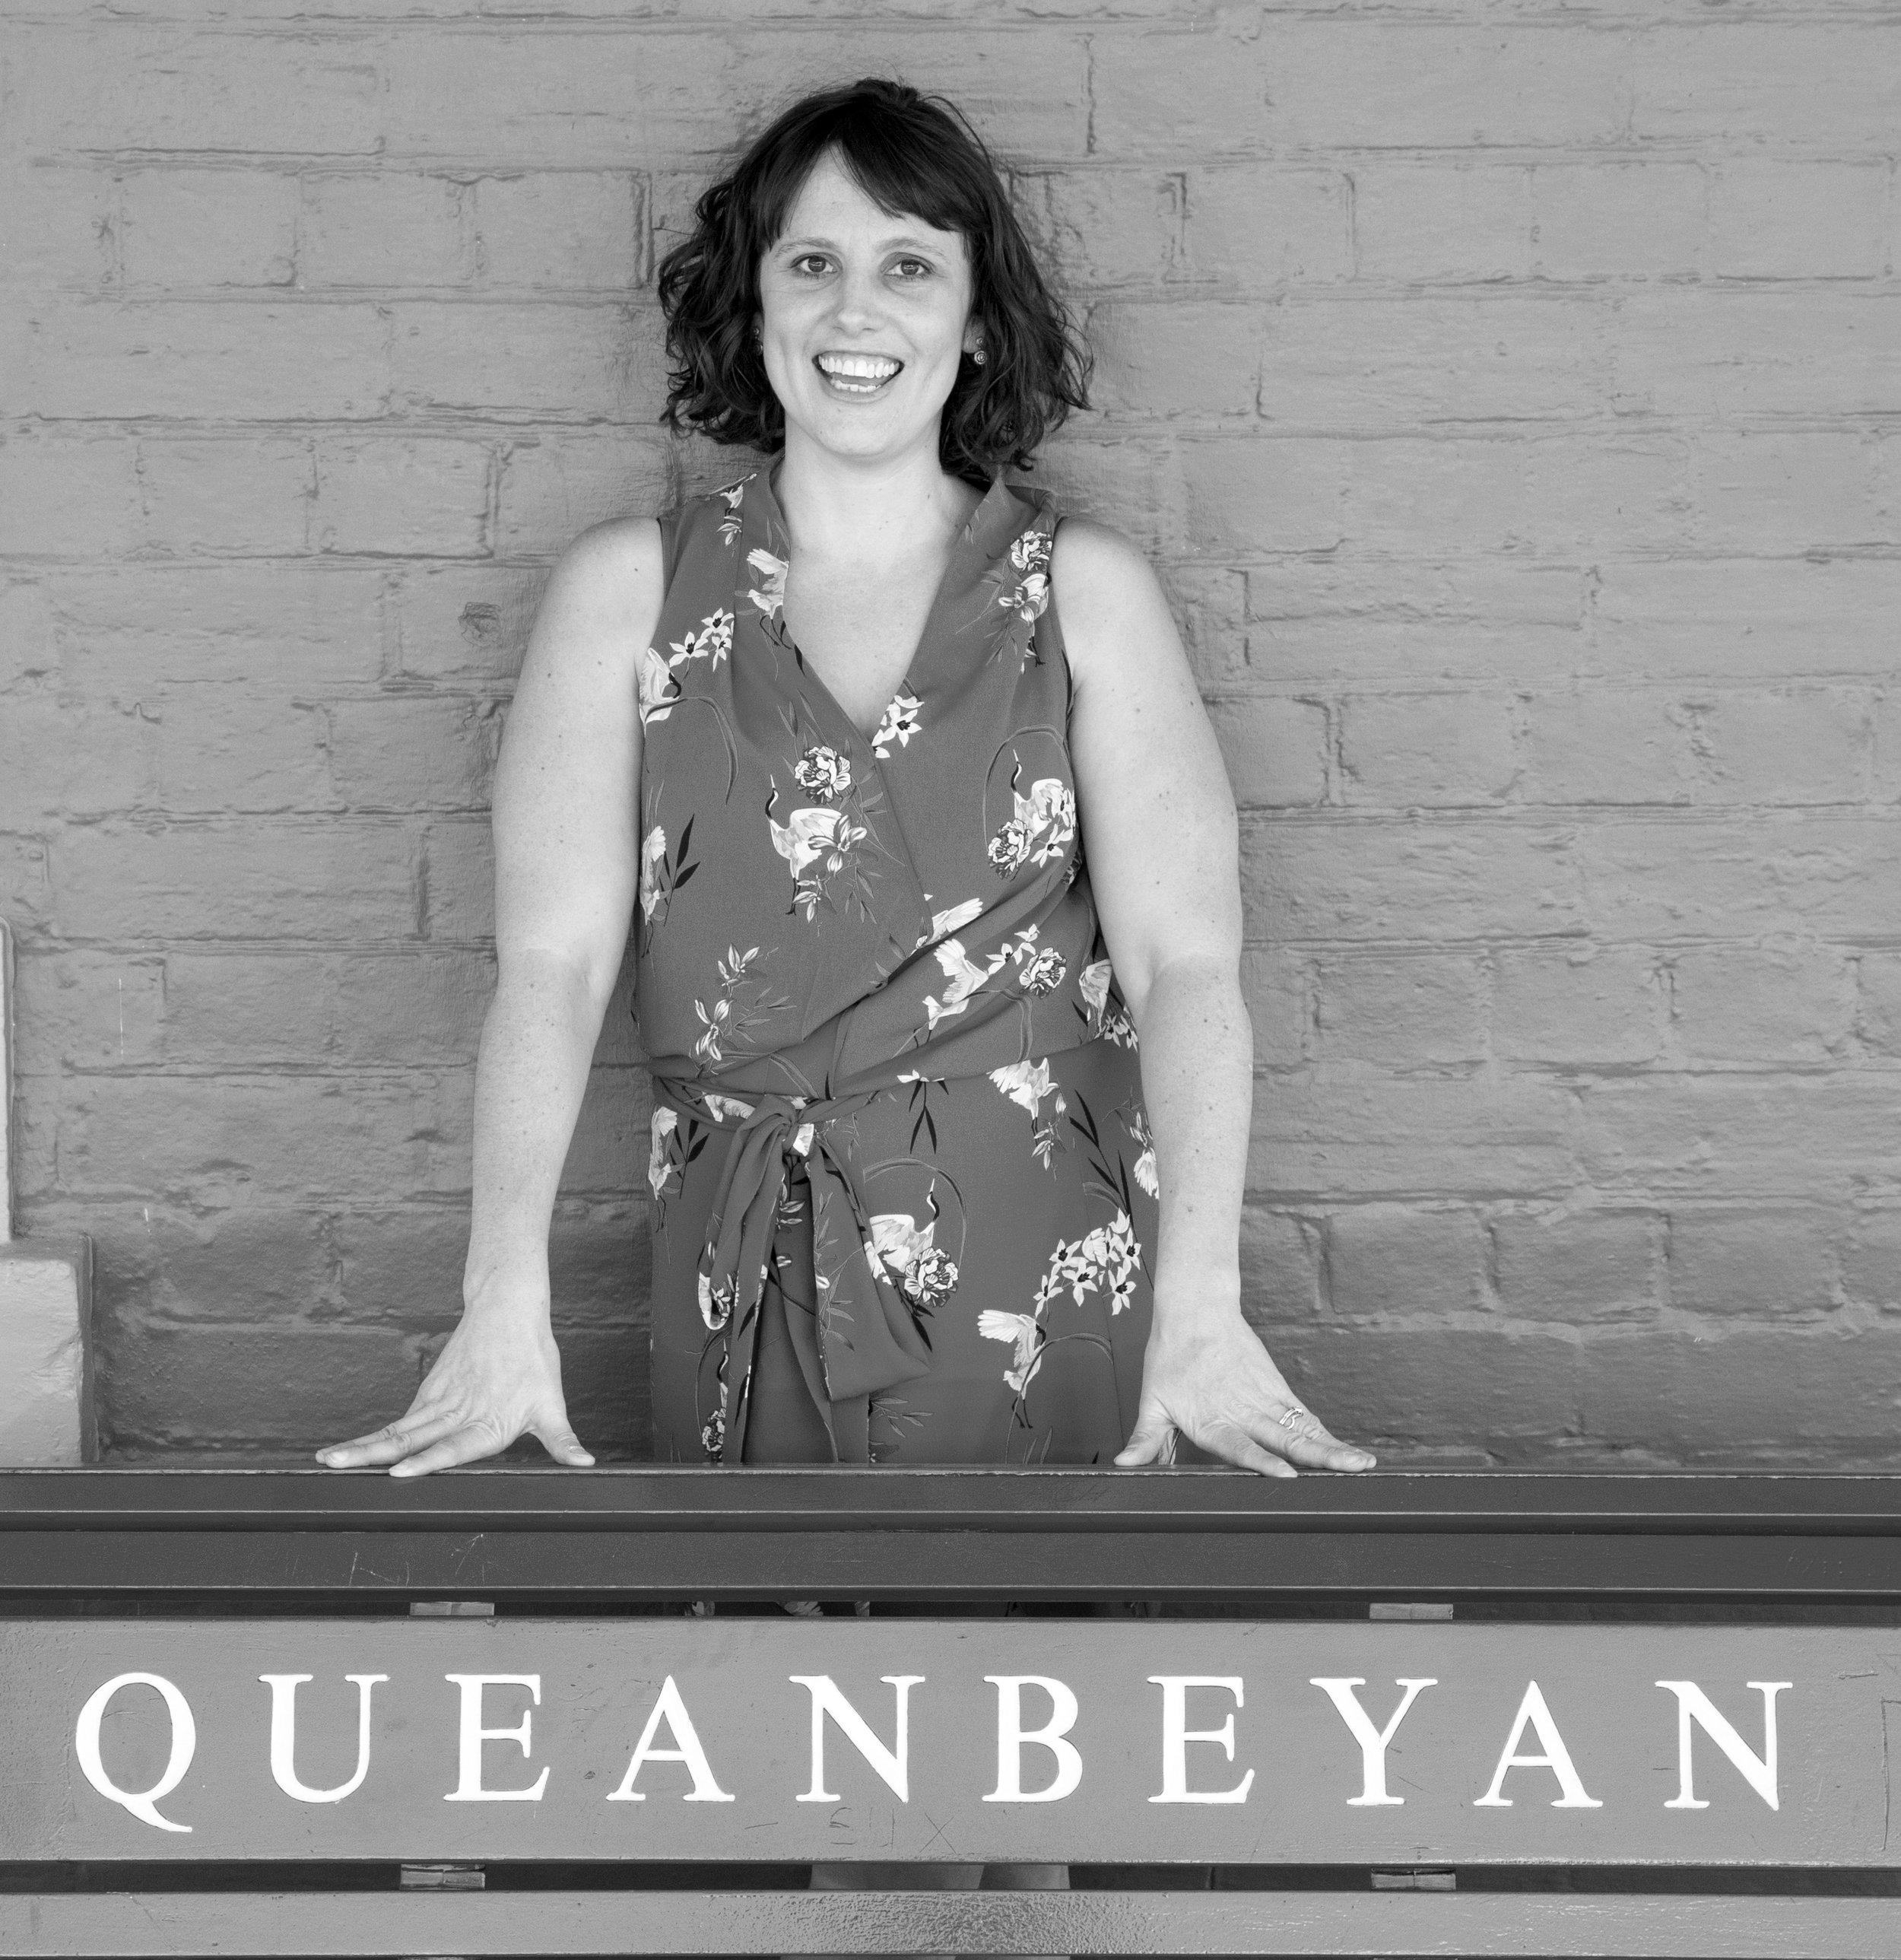 Megan_Queanbeyan JP Edit.jpg